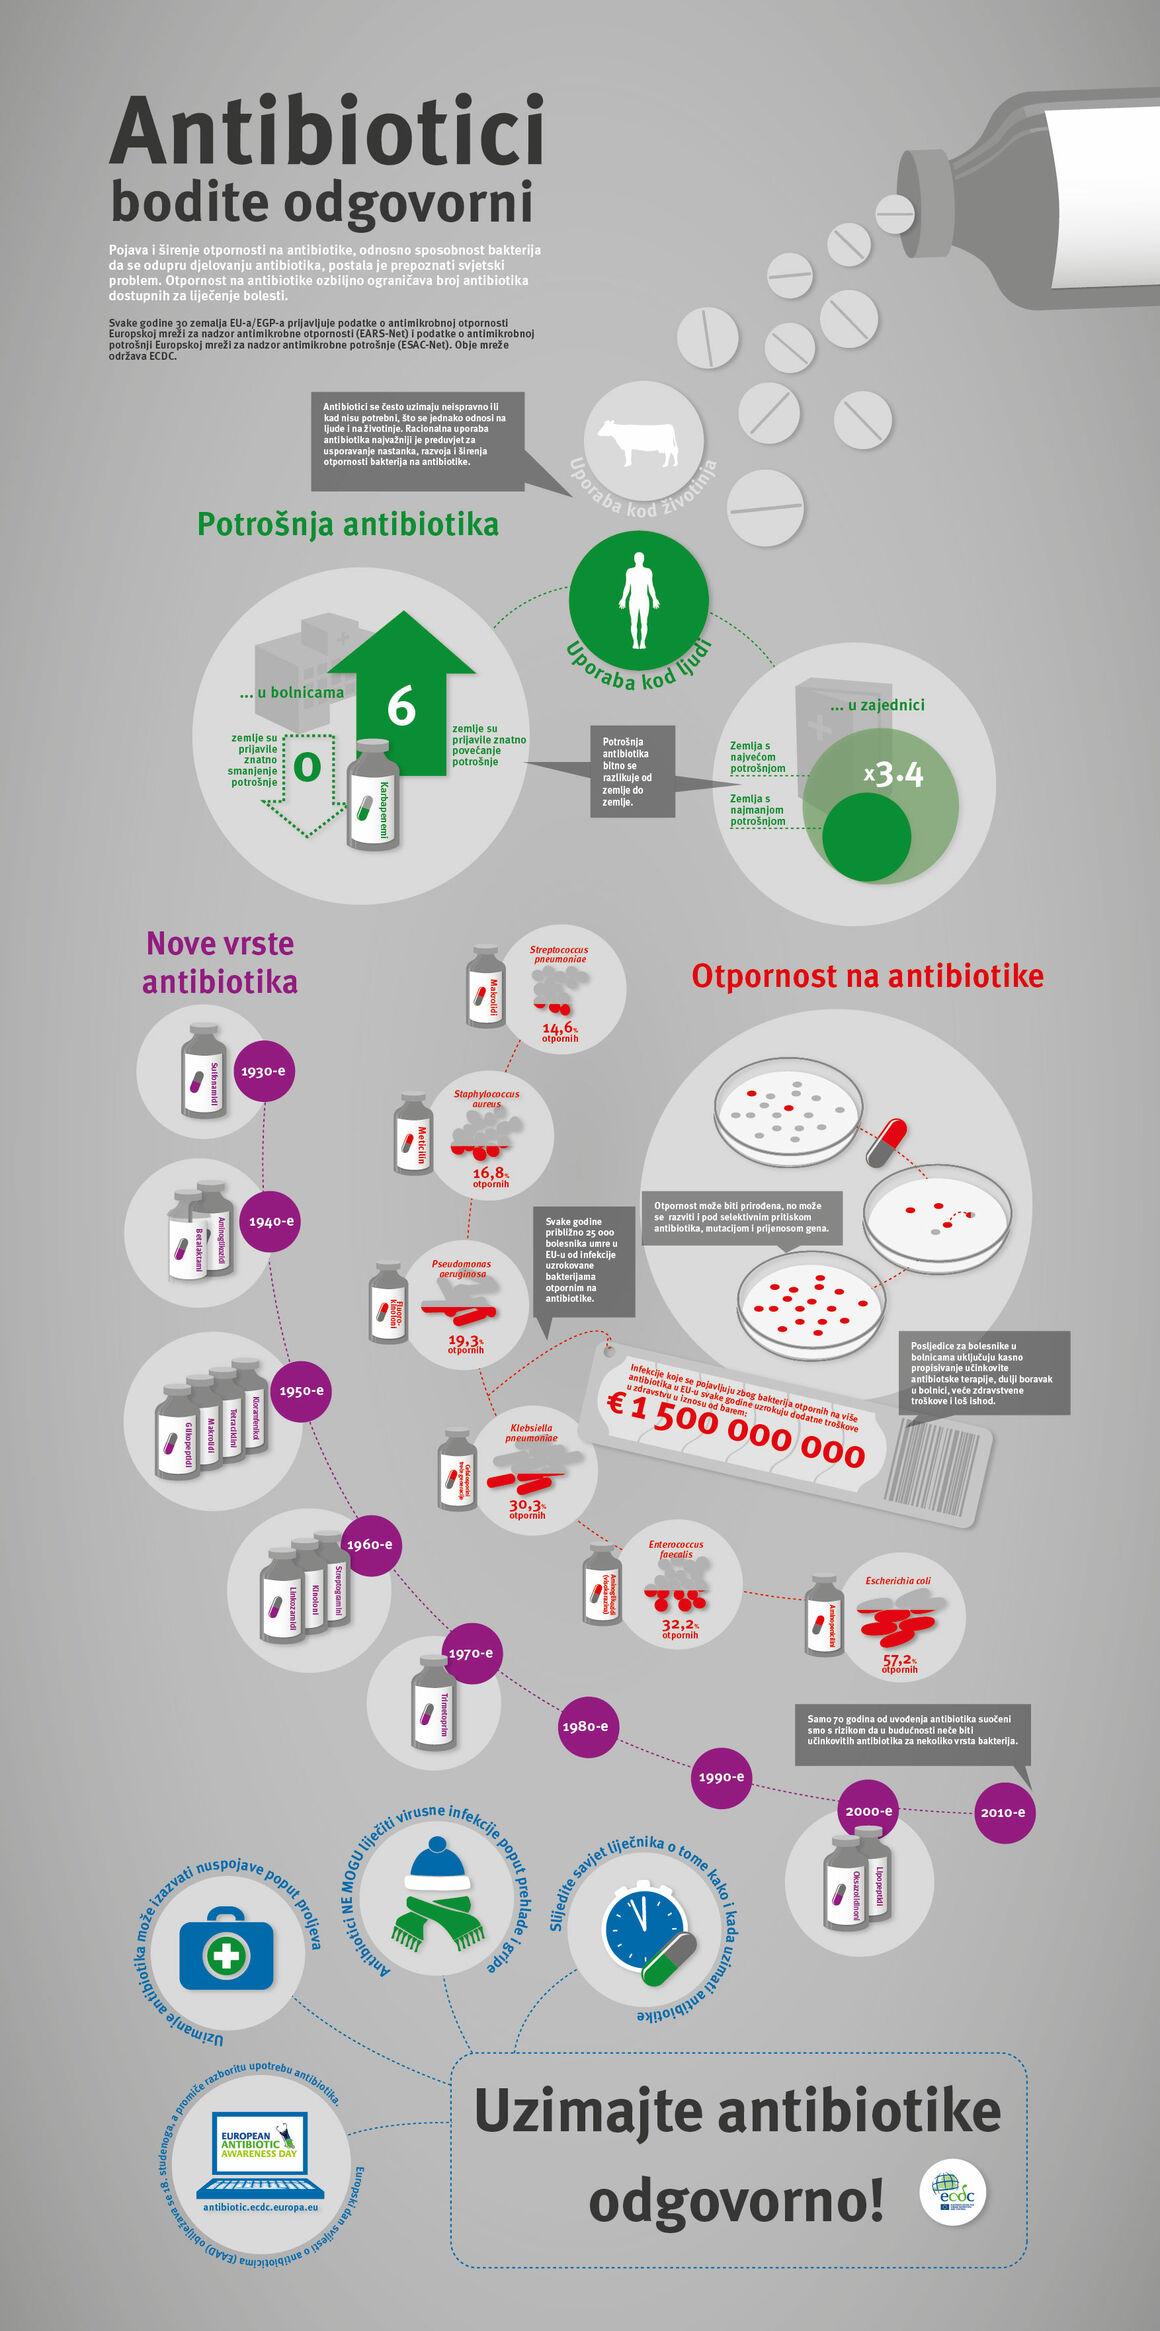 Antibiotici bodite odgovorni